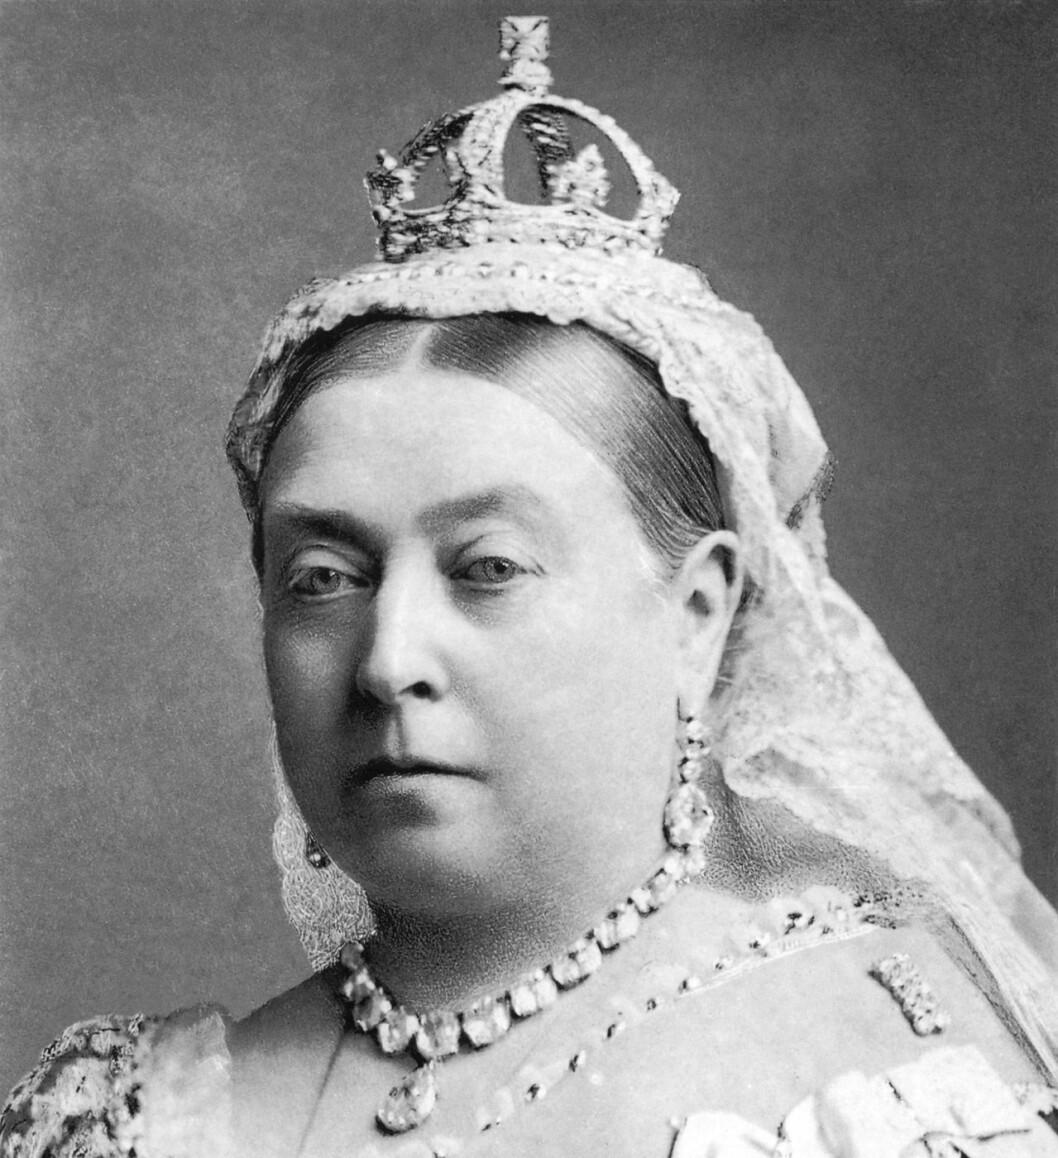 Drottning Victoria brukar kallas kungahusens mormor och farmor.